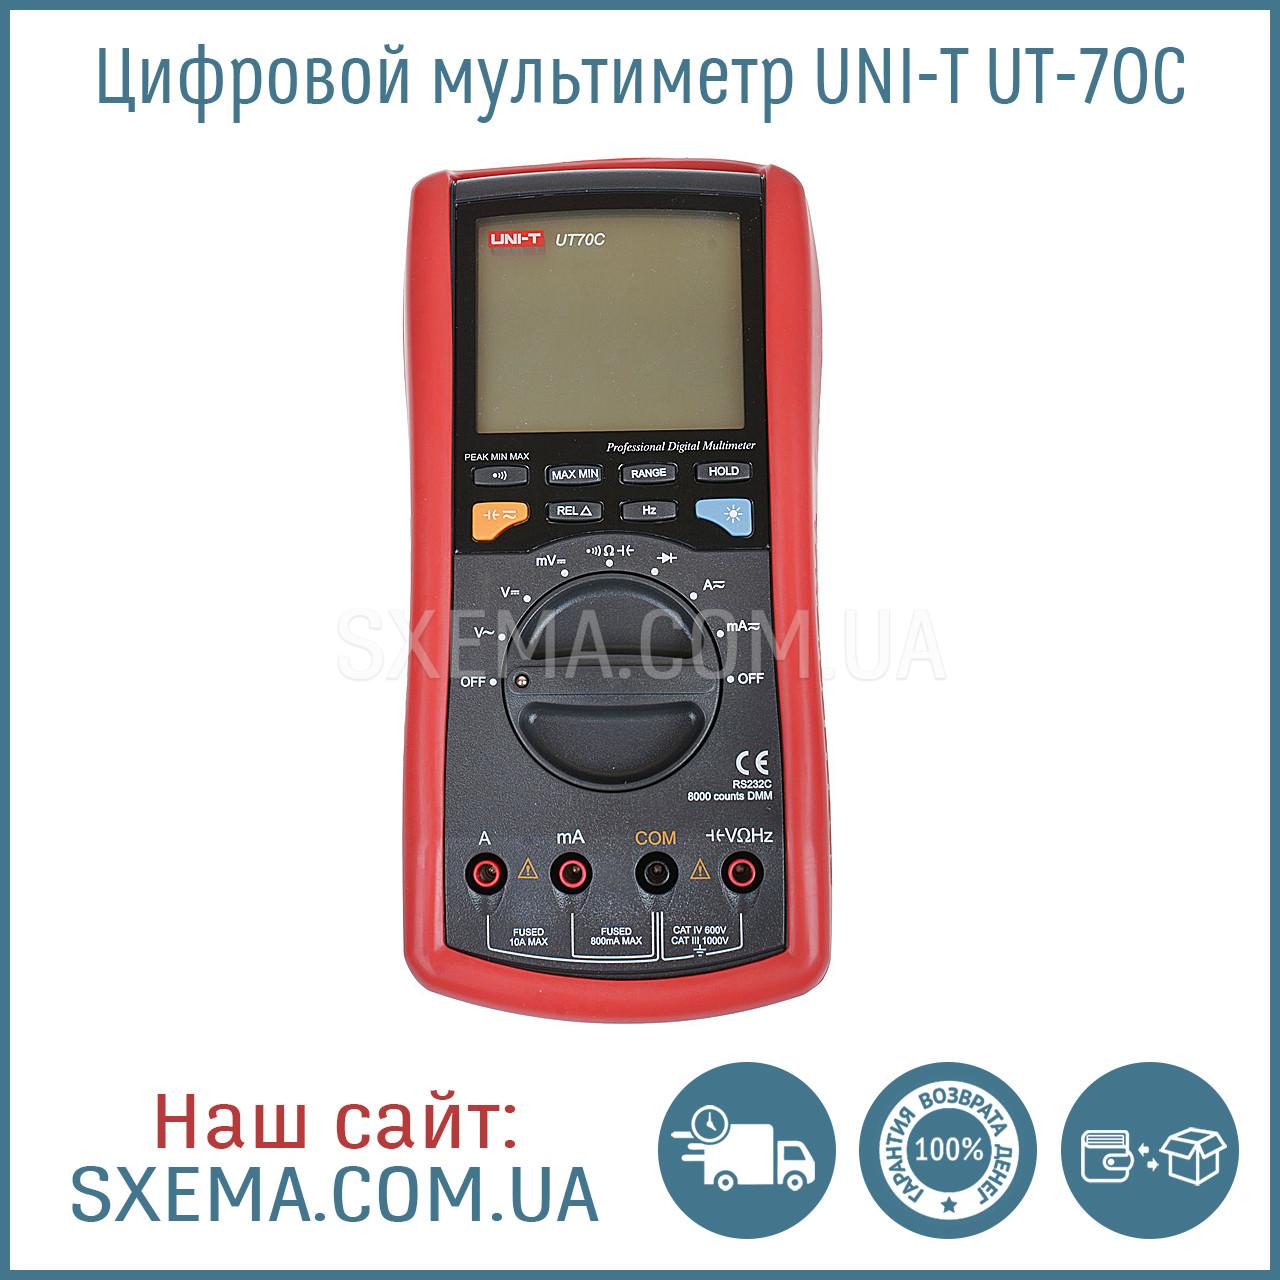 Цифровой мультиметр многофункциональный UNI-T UT-70C